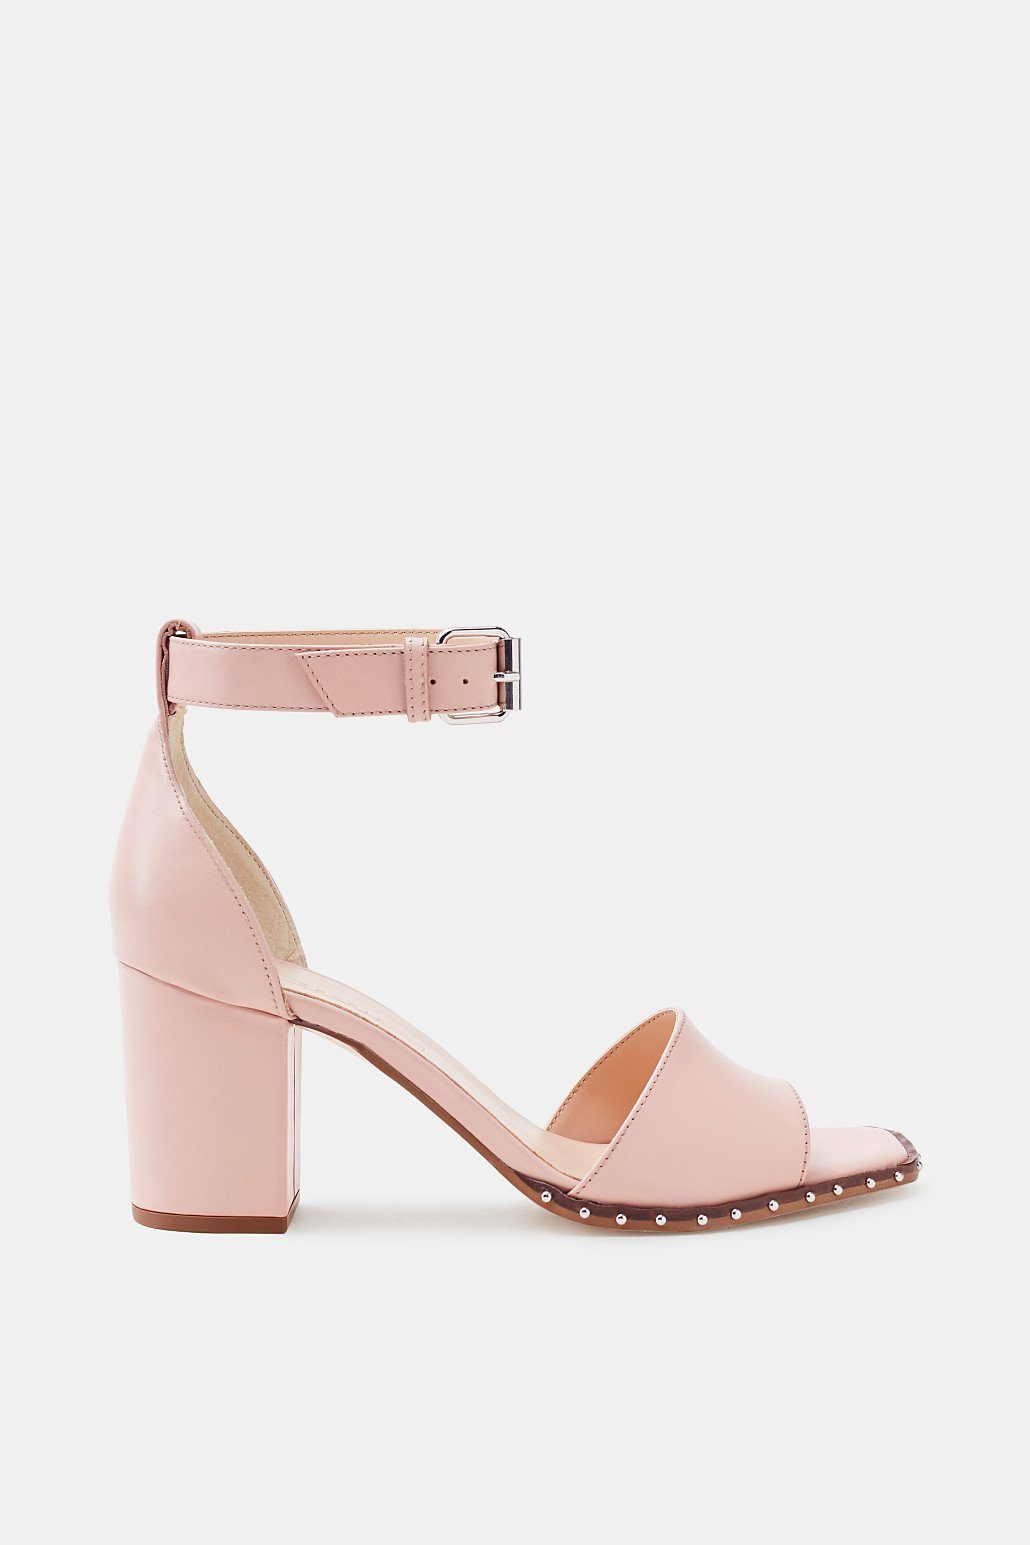 Esprit Leder-Sandalette mit Blockabsatz und Nieten-Dekor für Damen, Größe 39, Navy